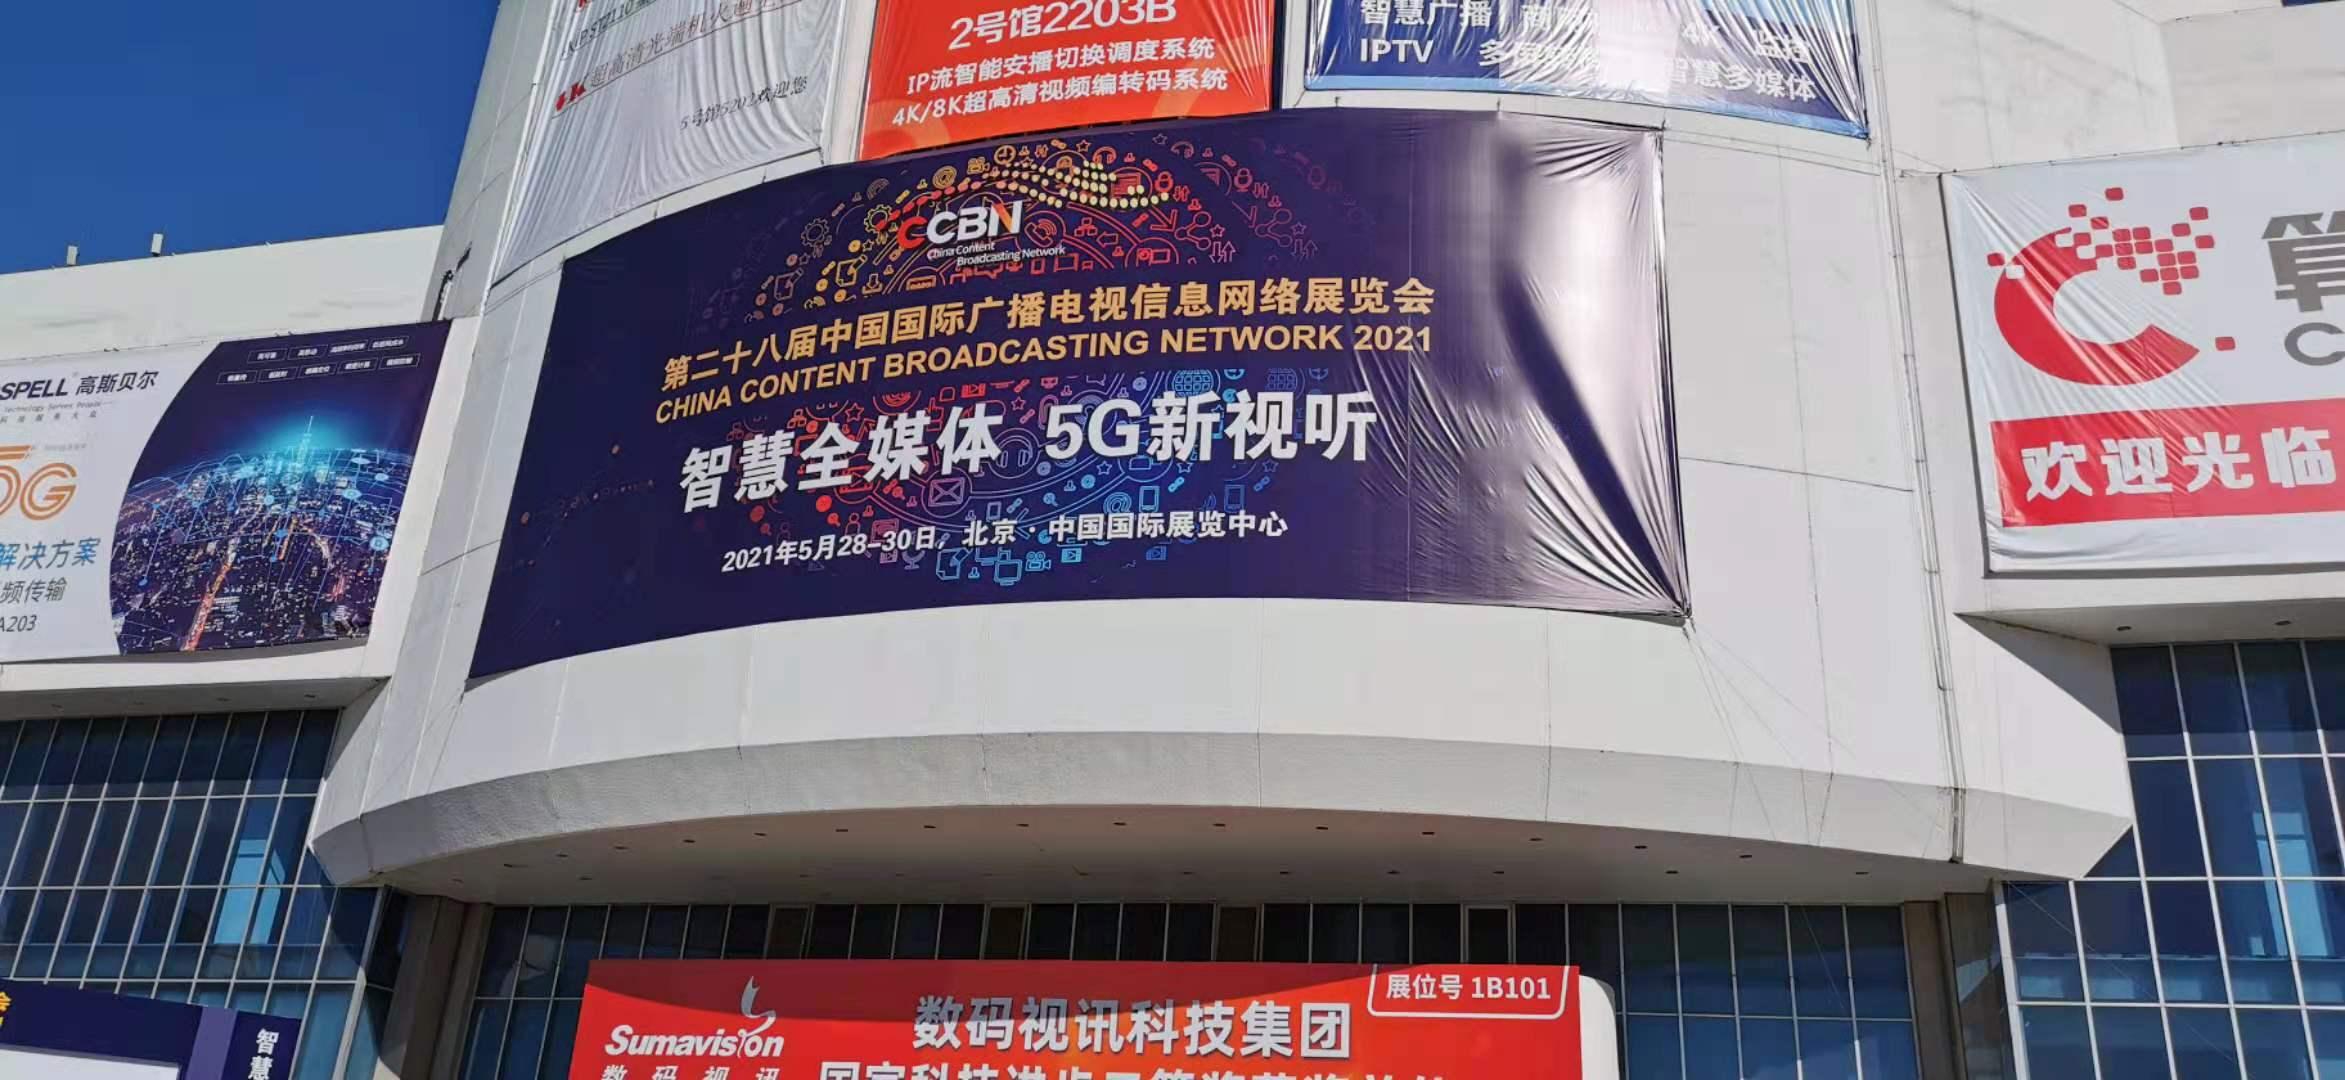 祝賀第二十八屆中國國際廣播電視信息網絡展覽會(CCBN)于2021年5月28日開幕!